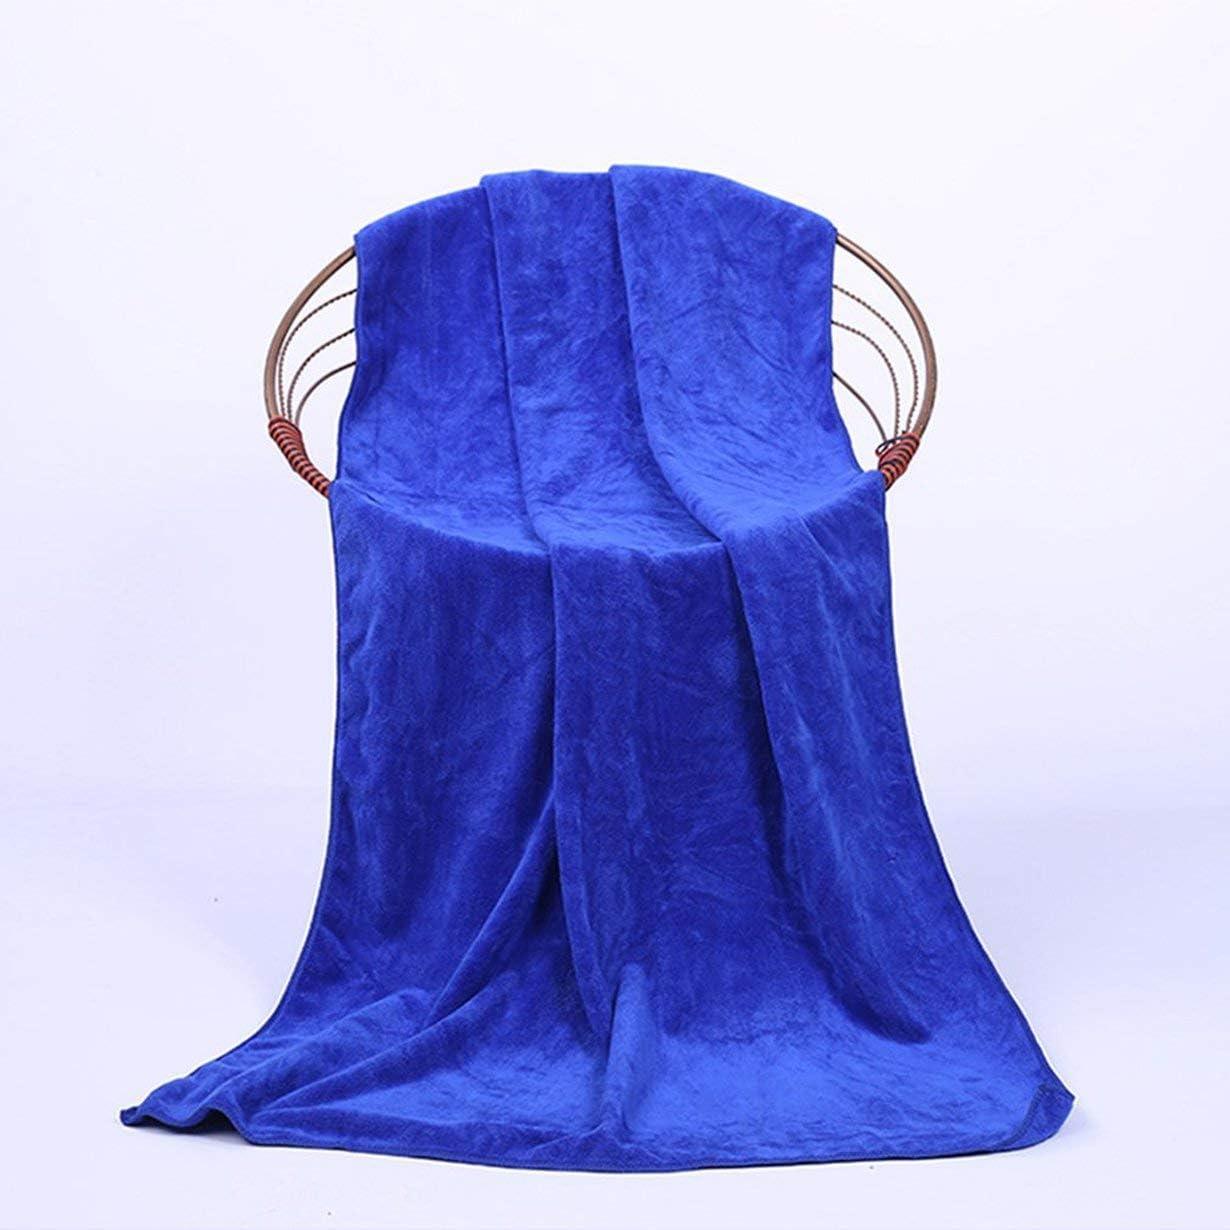 Serviette de plage /à usages multiples en microfibre absorbante /à s/échage rapide Serviette de plage D/ébarbouillette de bain Maillot de bain Serviette de cheveux Serviettes de sport Fitness (Royal Blue